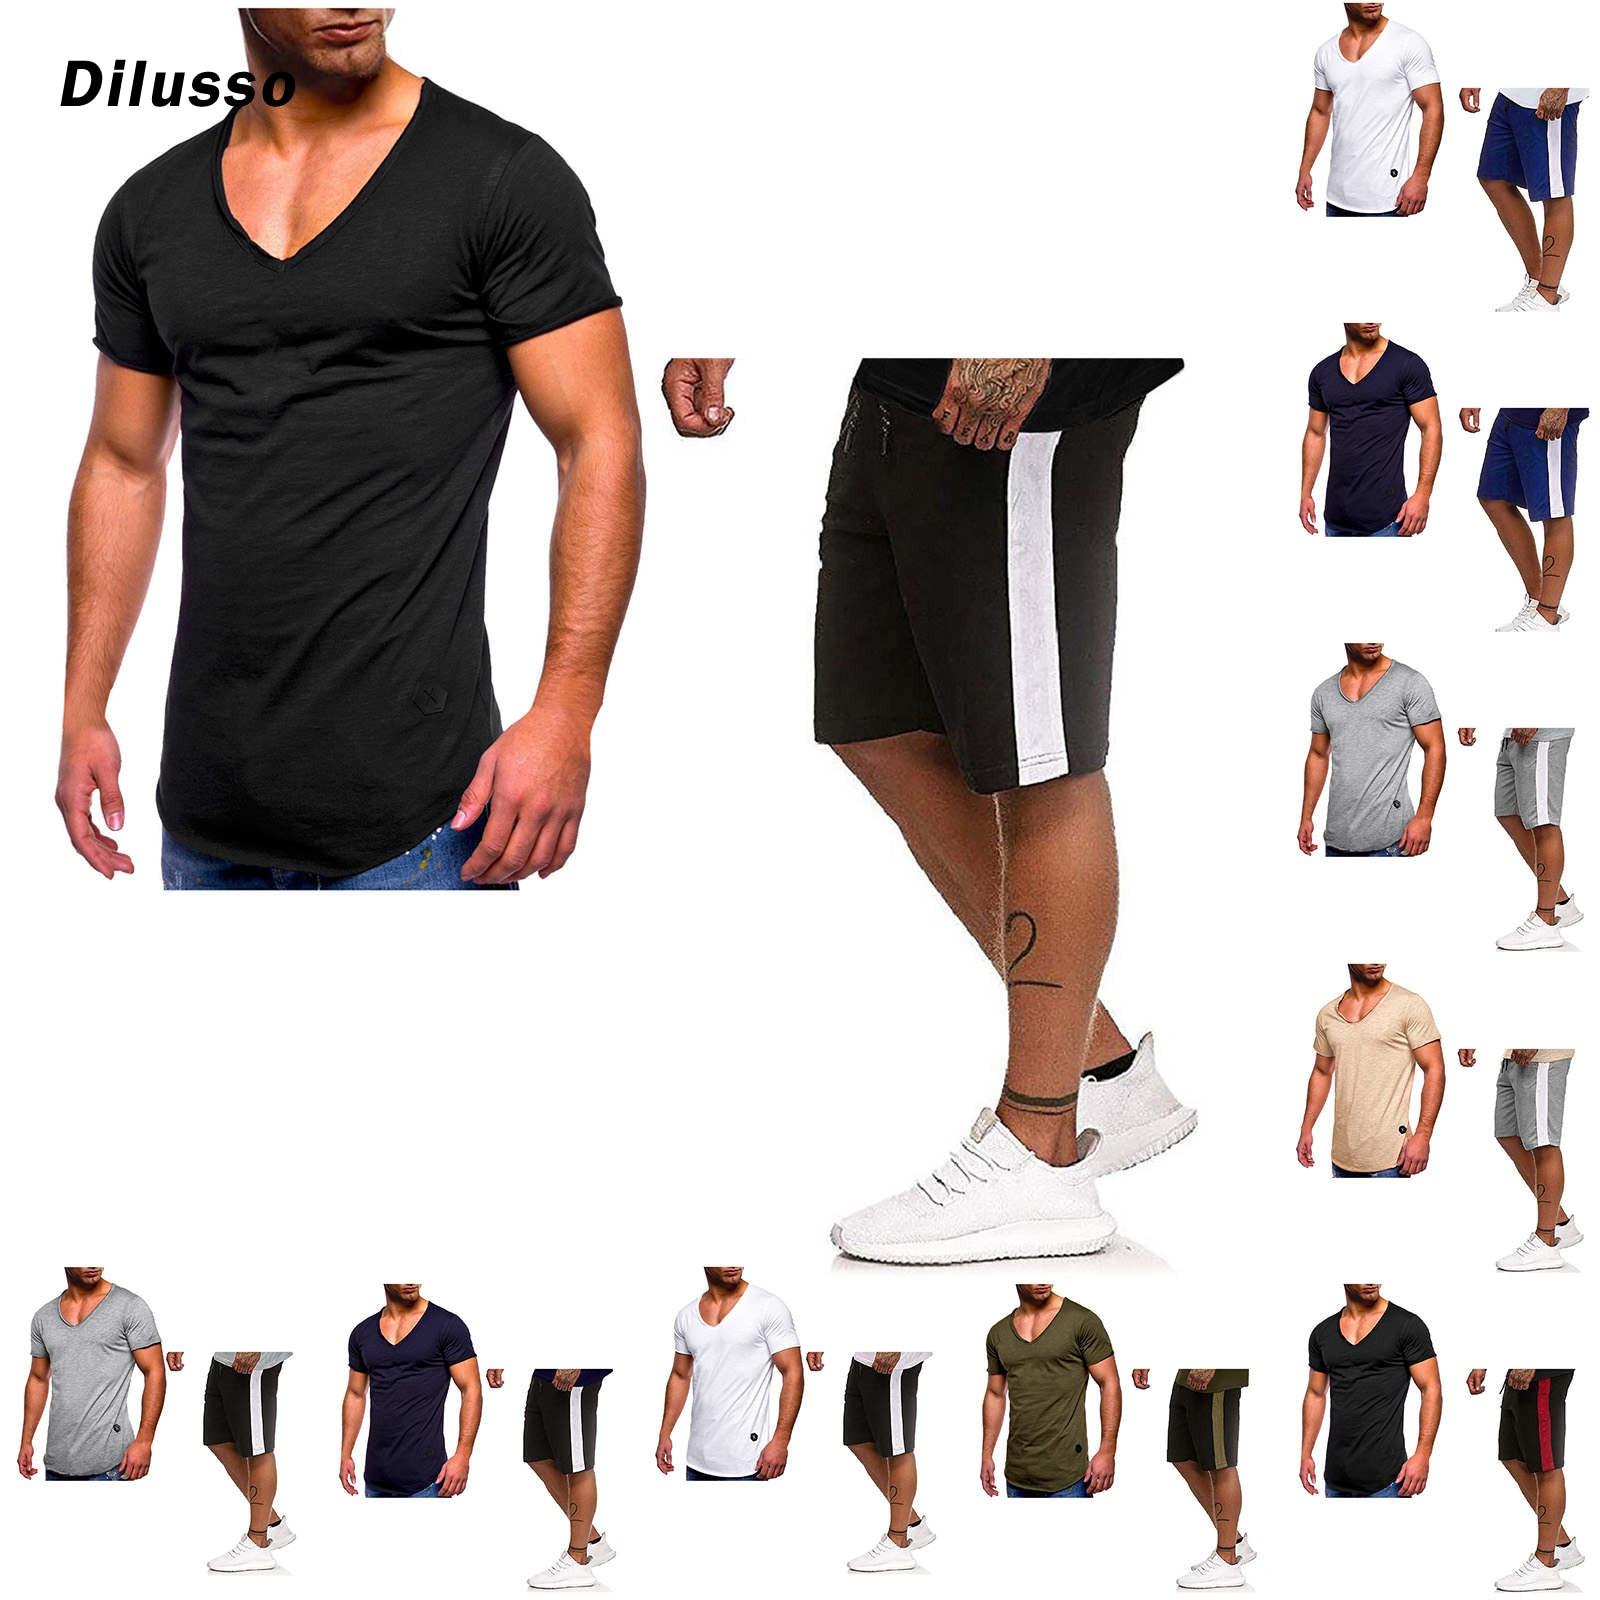 Details about  /Gunners Den Sport Leisure Tee Mens TV Film Crew Neck Short Sleeve T-Shirt Top